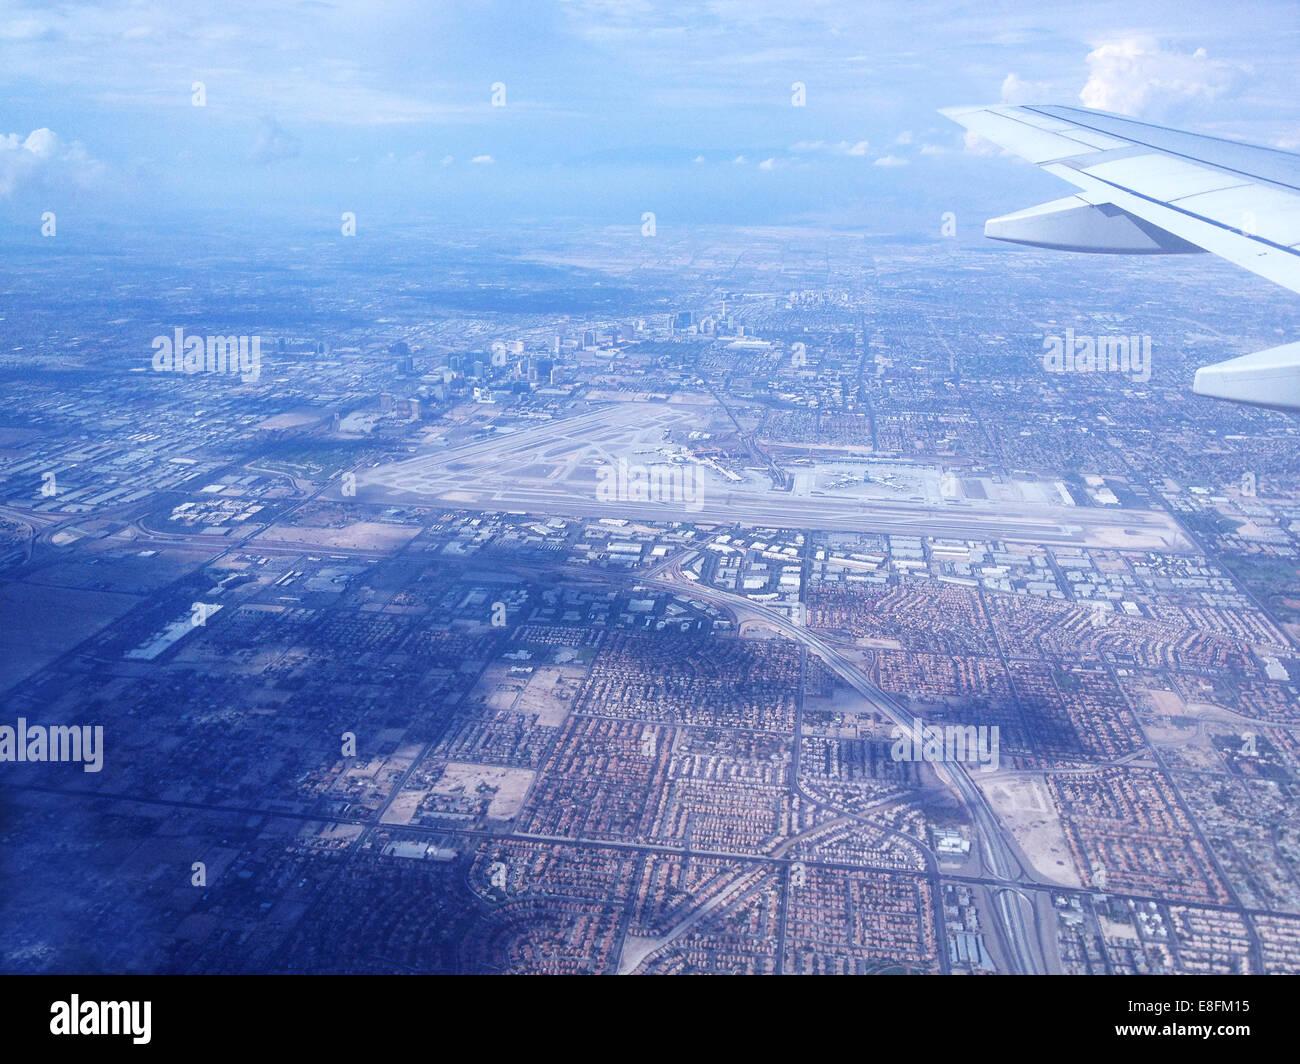 USA, Nevada, Las Vegas, Las Vegas seen from airplane - Stock Image